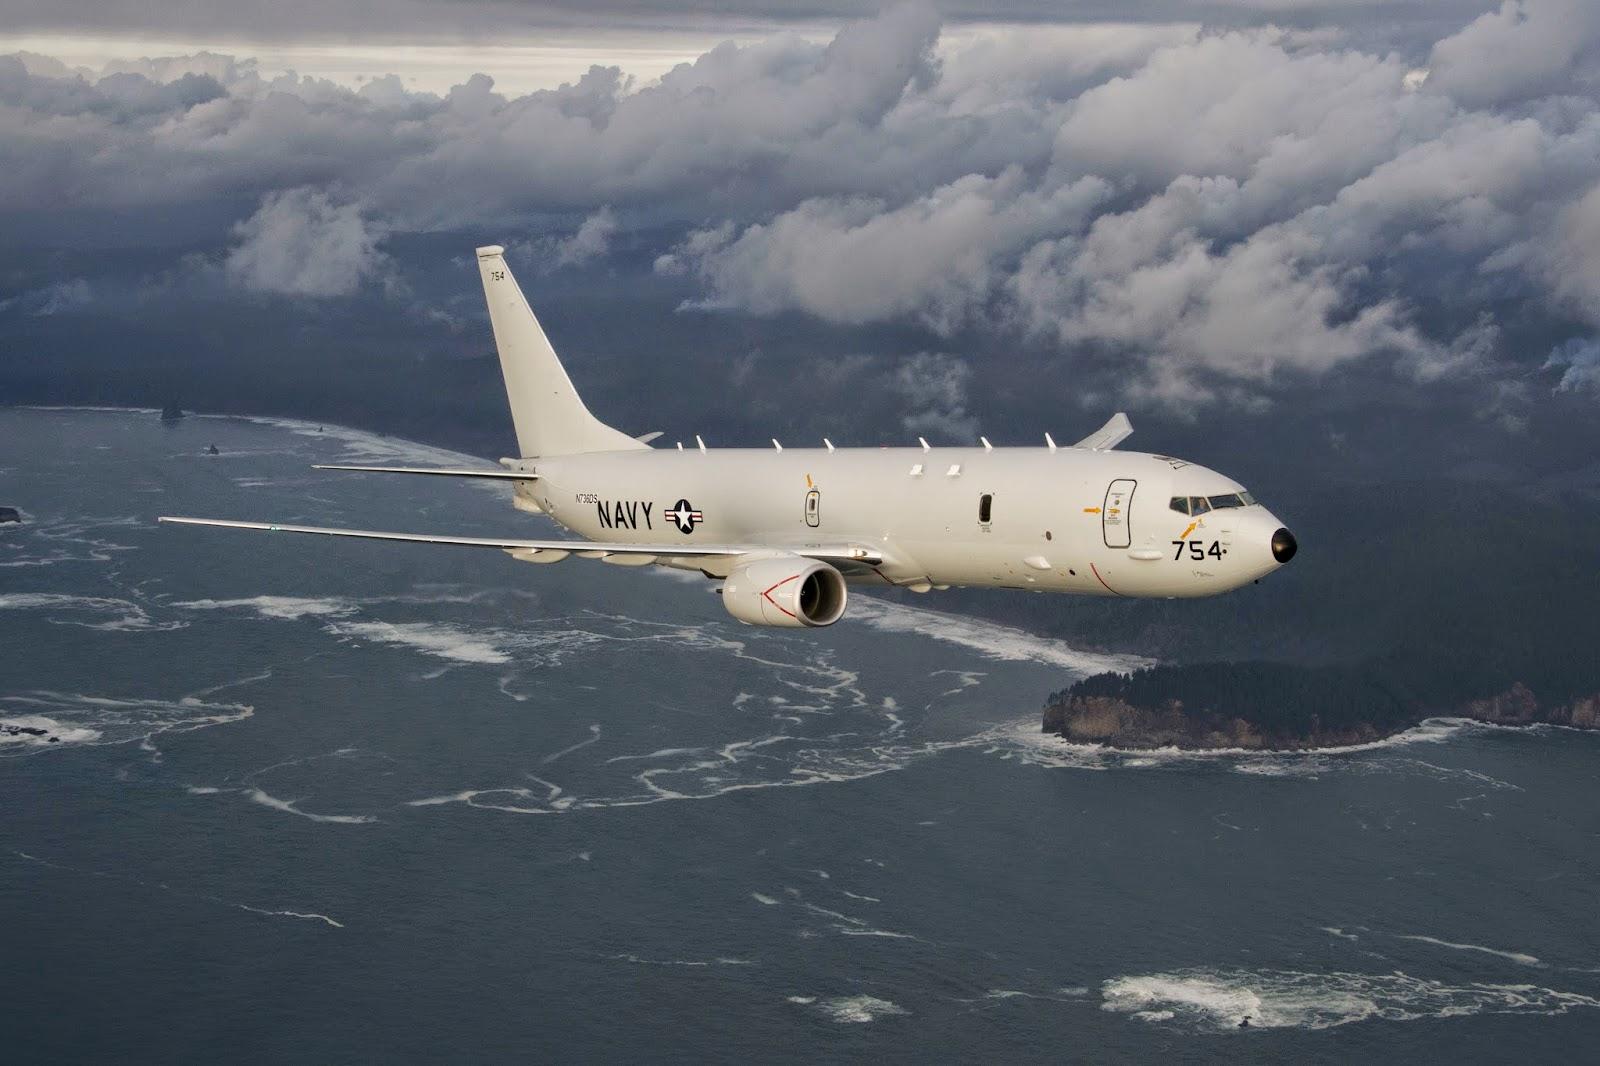 Базовый патрульный самолет Boeing P-8A Poseidon (номер ВМС США 167954, серийный номер 34397) из состава базовой патрульной эскадрильи VP-45 авиации ВМС США.